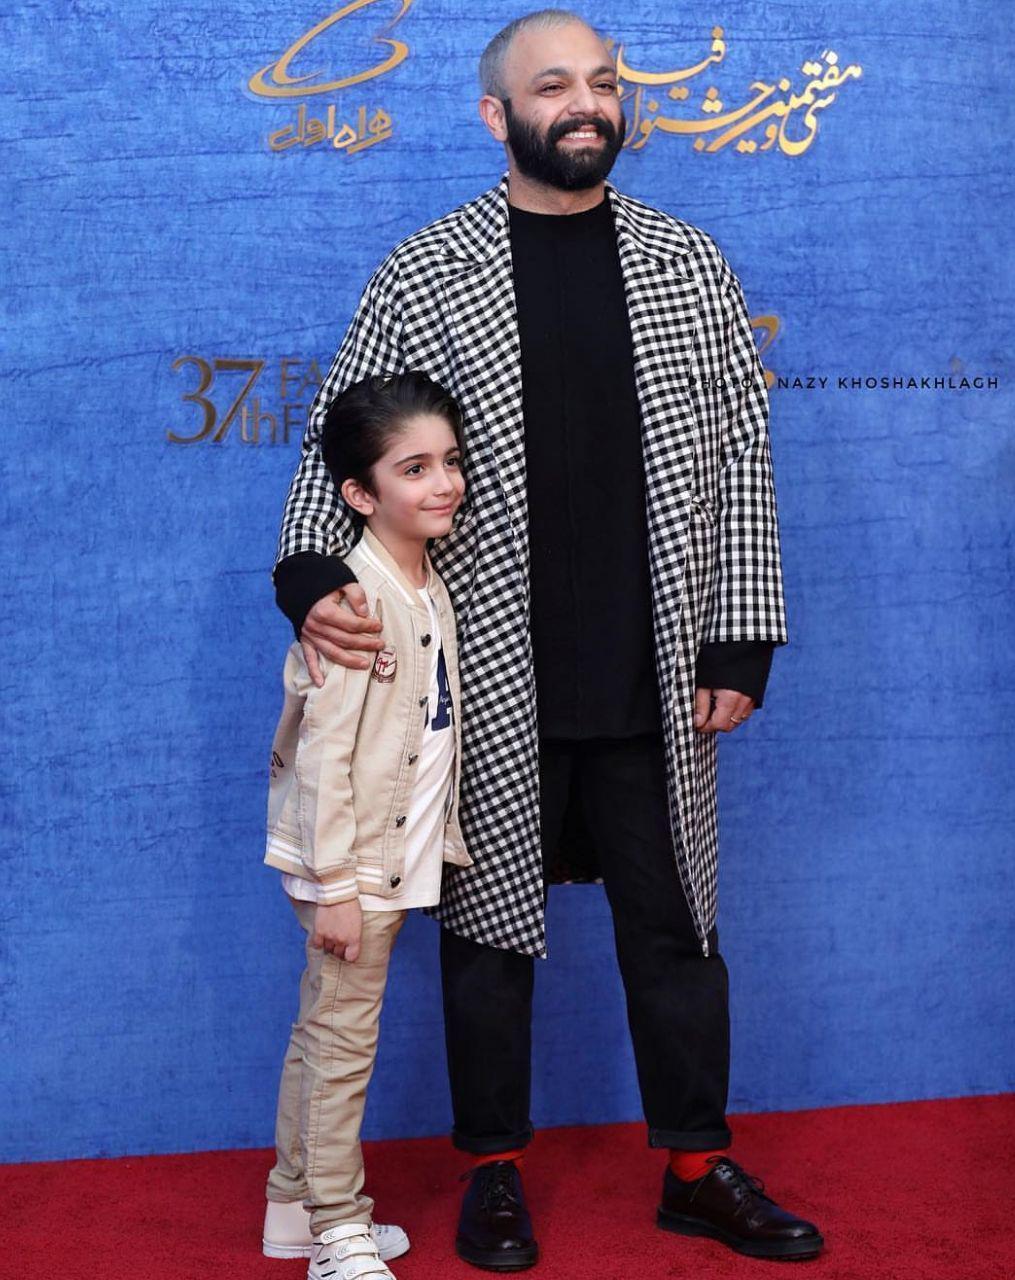 پوشش عجیب و نامتعارف سلبریتیها در جشنواره فیلم فجر+تصاویر